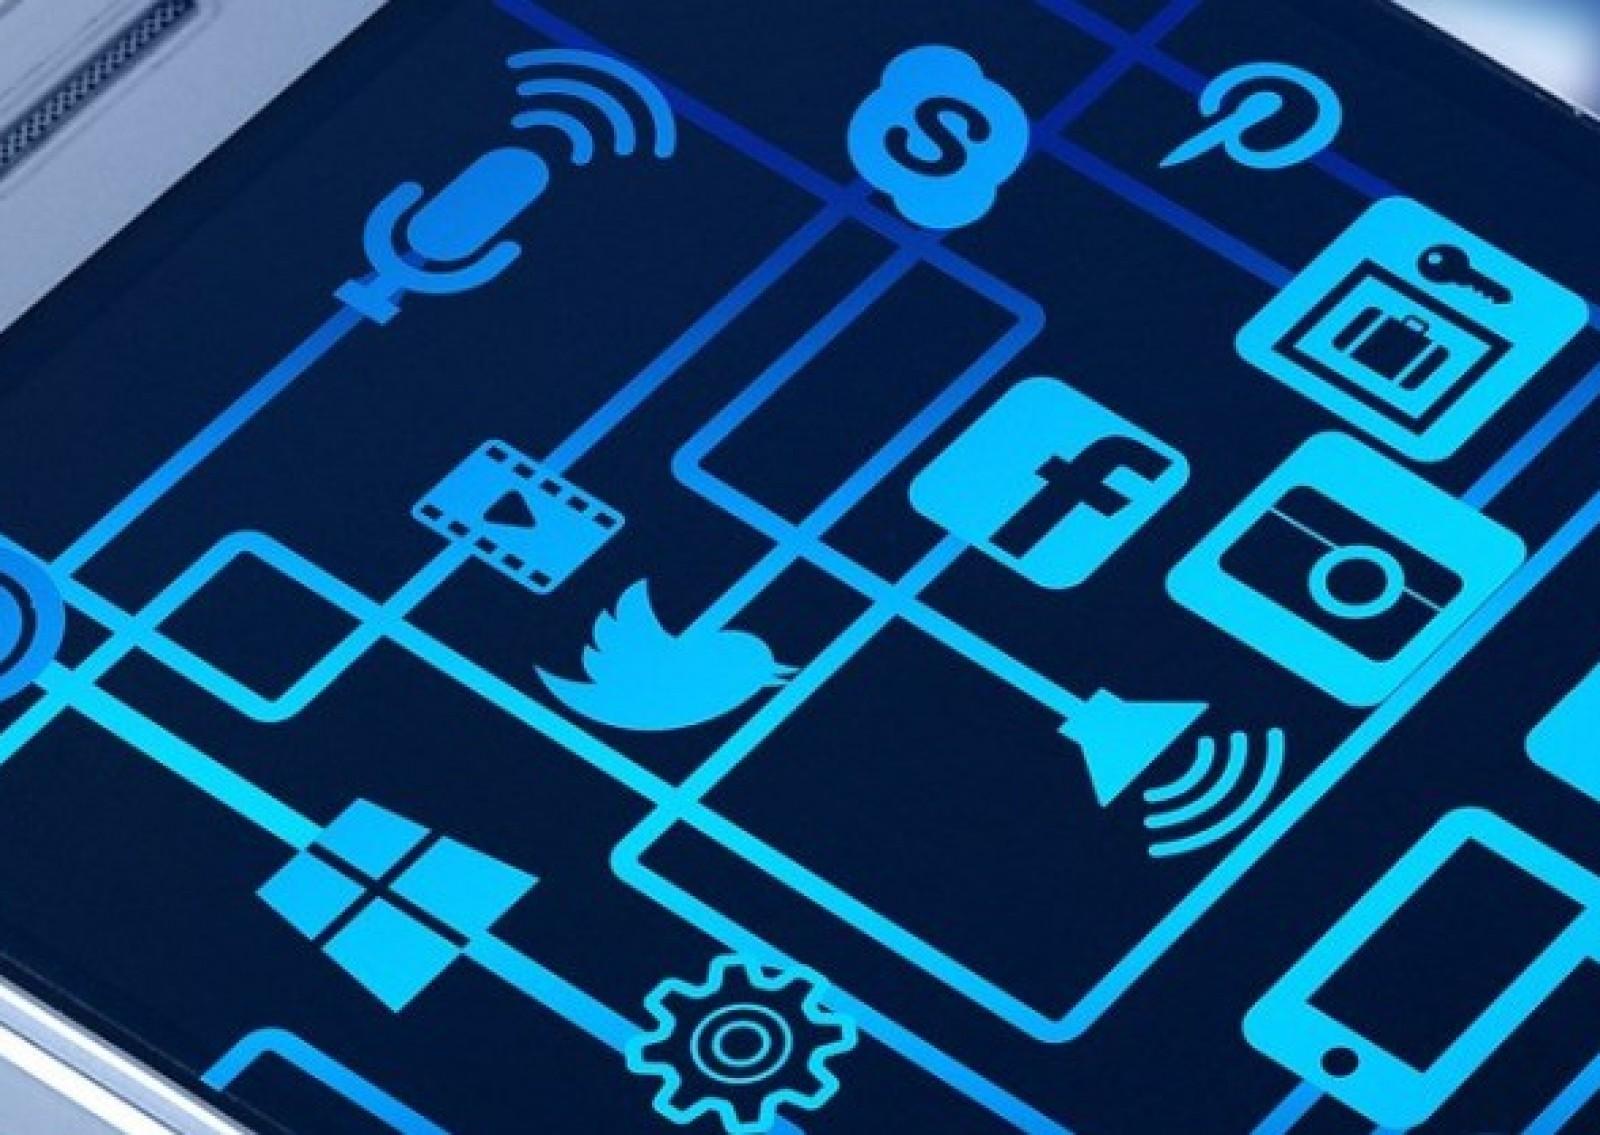 Gayrimenkul Profesyoneli Sosyal Medyada Nasıl Öne Çıkabilir?